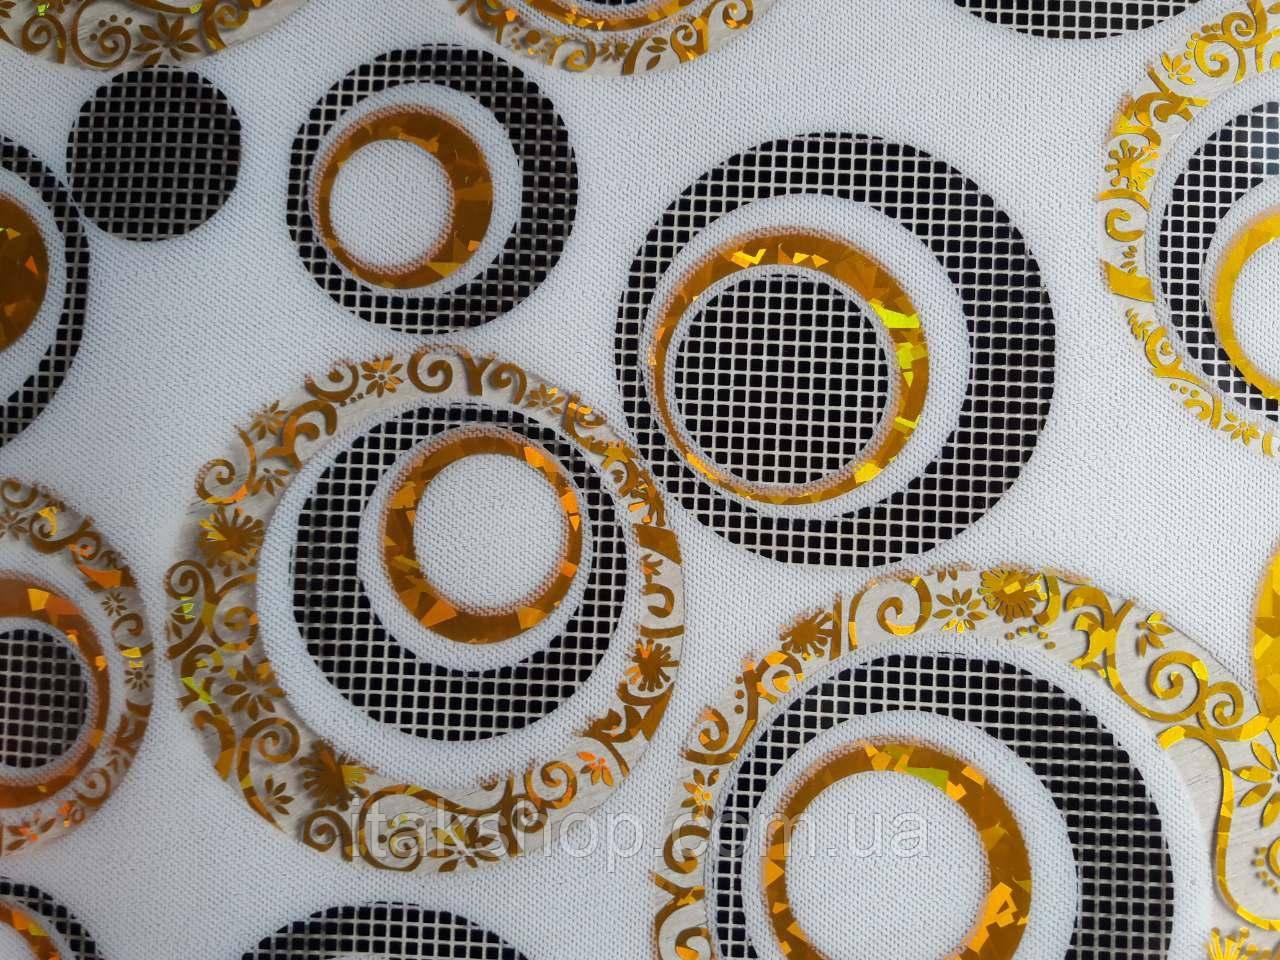 Мягкое стекло Скатерть с лазерным рисунком для мебели Soft Glass 3.0х0.8м толщина 1.5мм Круги на белом фоне